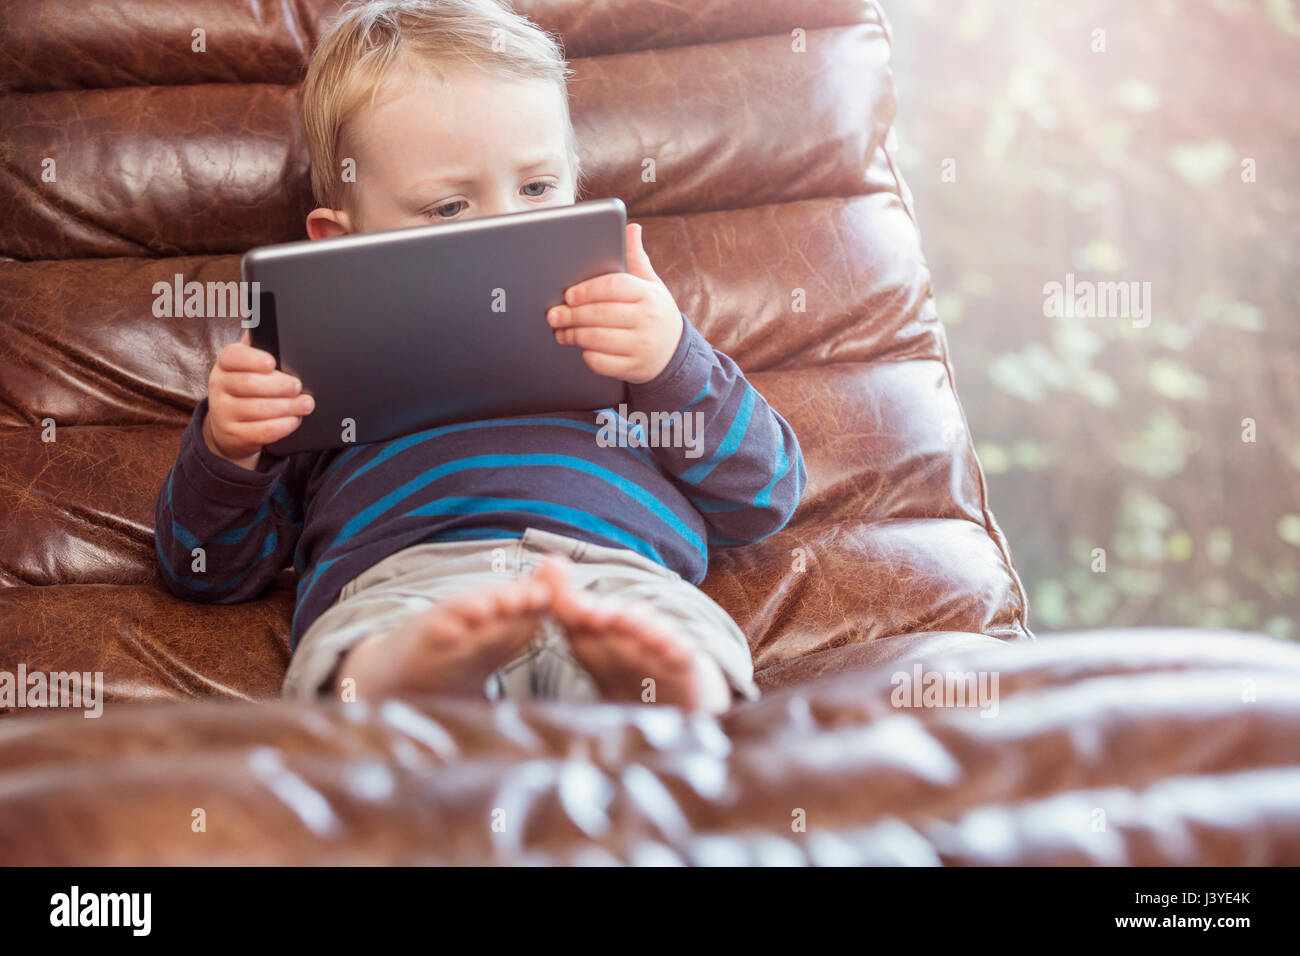 Niño chico en una silla reclinable mirando tablet Foto de stock